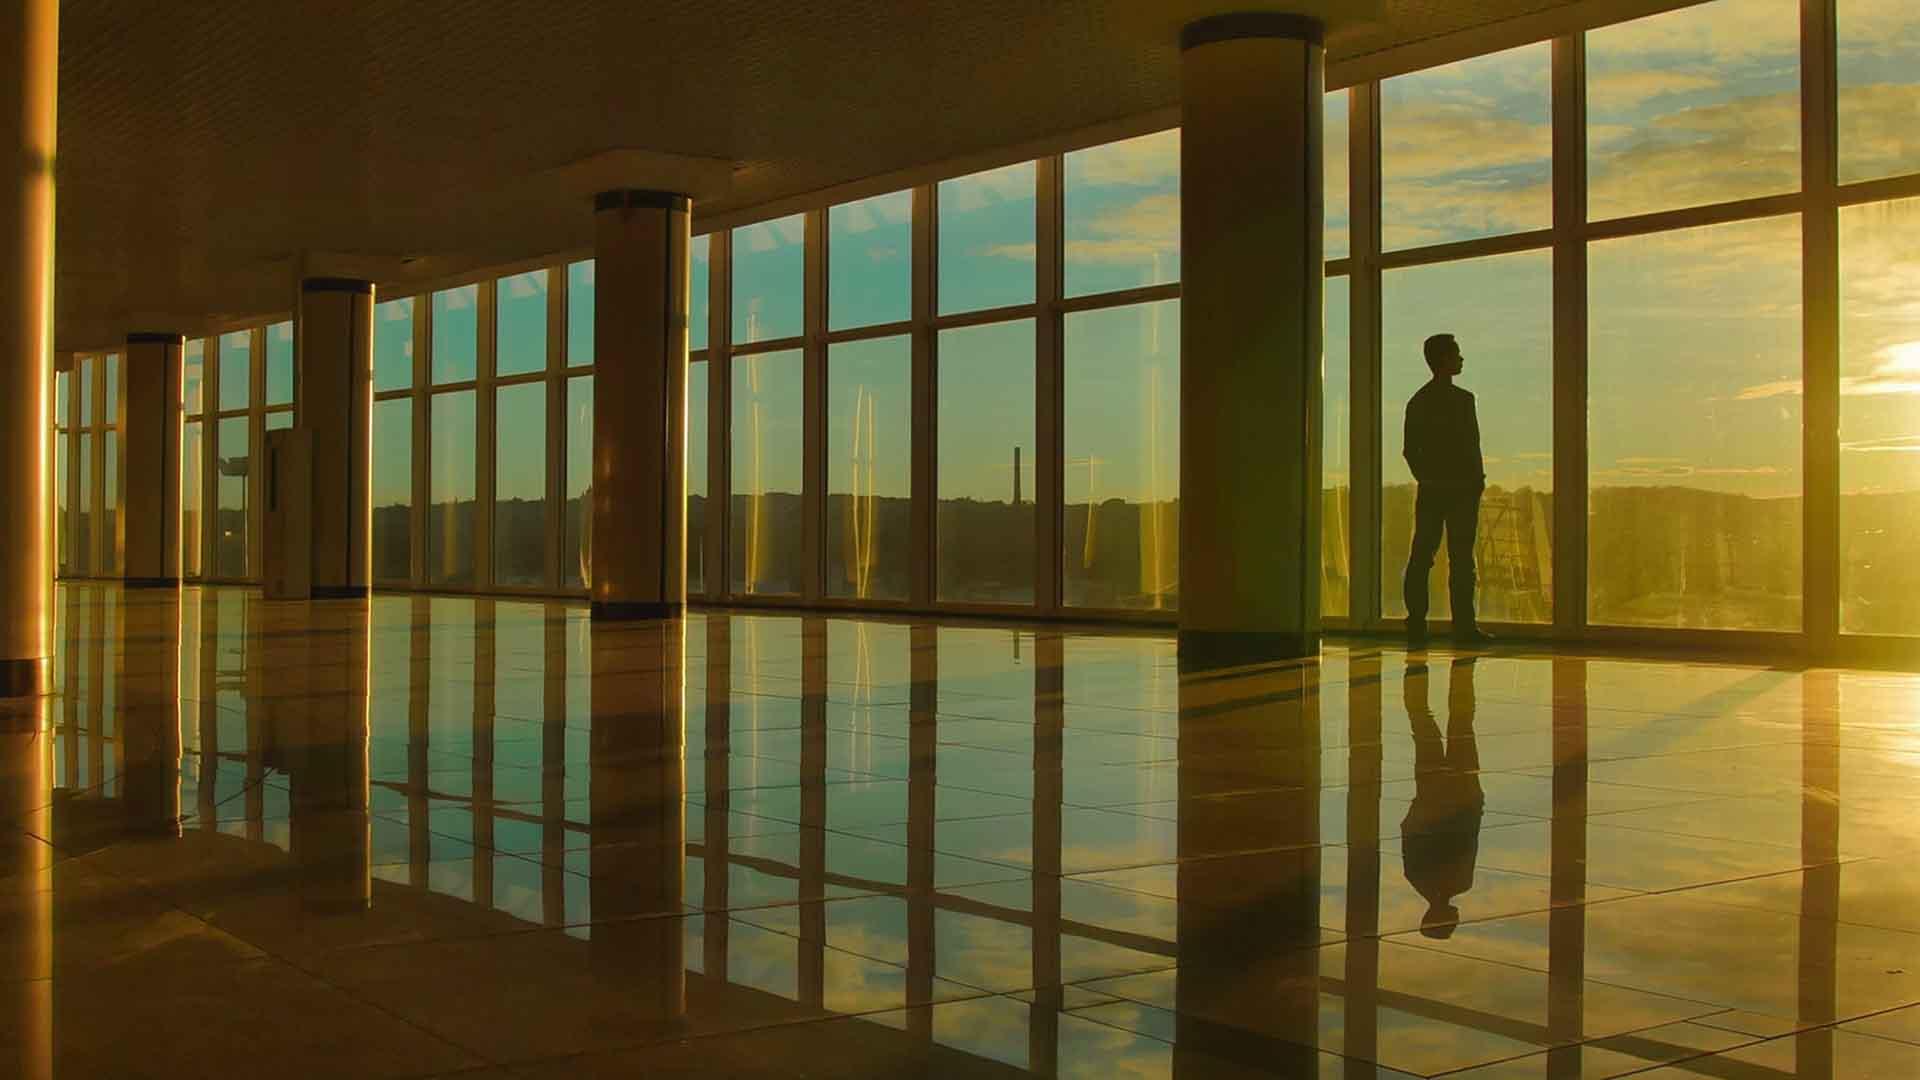 Das Bild zeigt einen Saal, in welchem sich auf dem Boden die Fenster an den Wänden Wiederspiegeln. Auf der rechten, vorderen Seite steht ein Mann, er beobachtet das Sonnenlicht durch das Fenster. Das Bild dient als Sliderbild für den Portfolioeintrag Engel und Völkers Recruitingfilm von Panda Pictures.